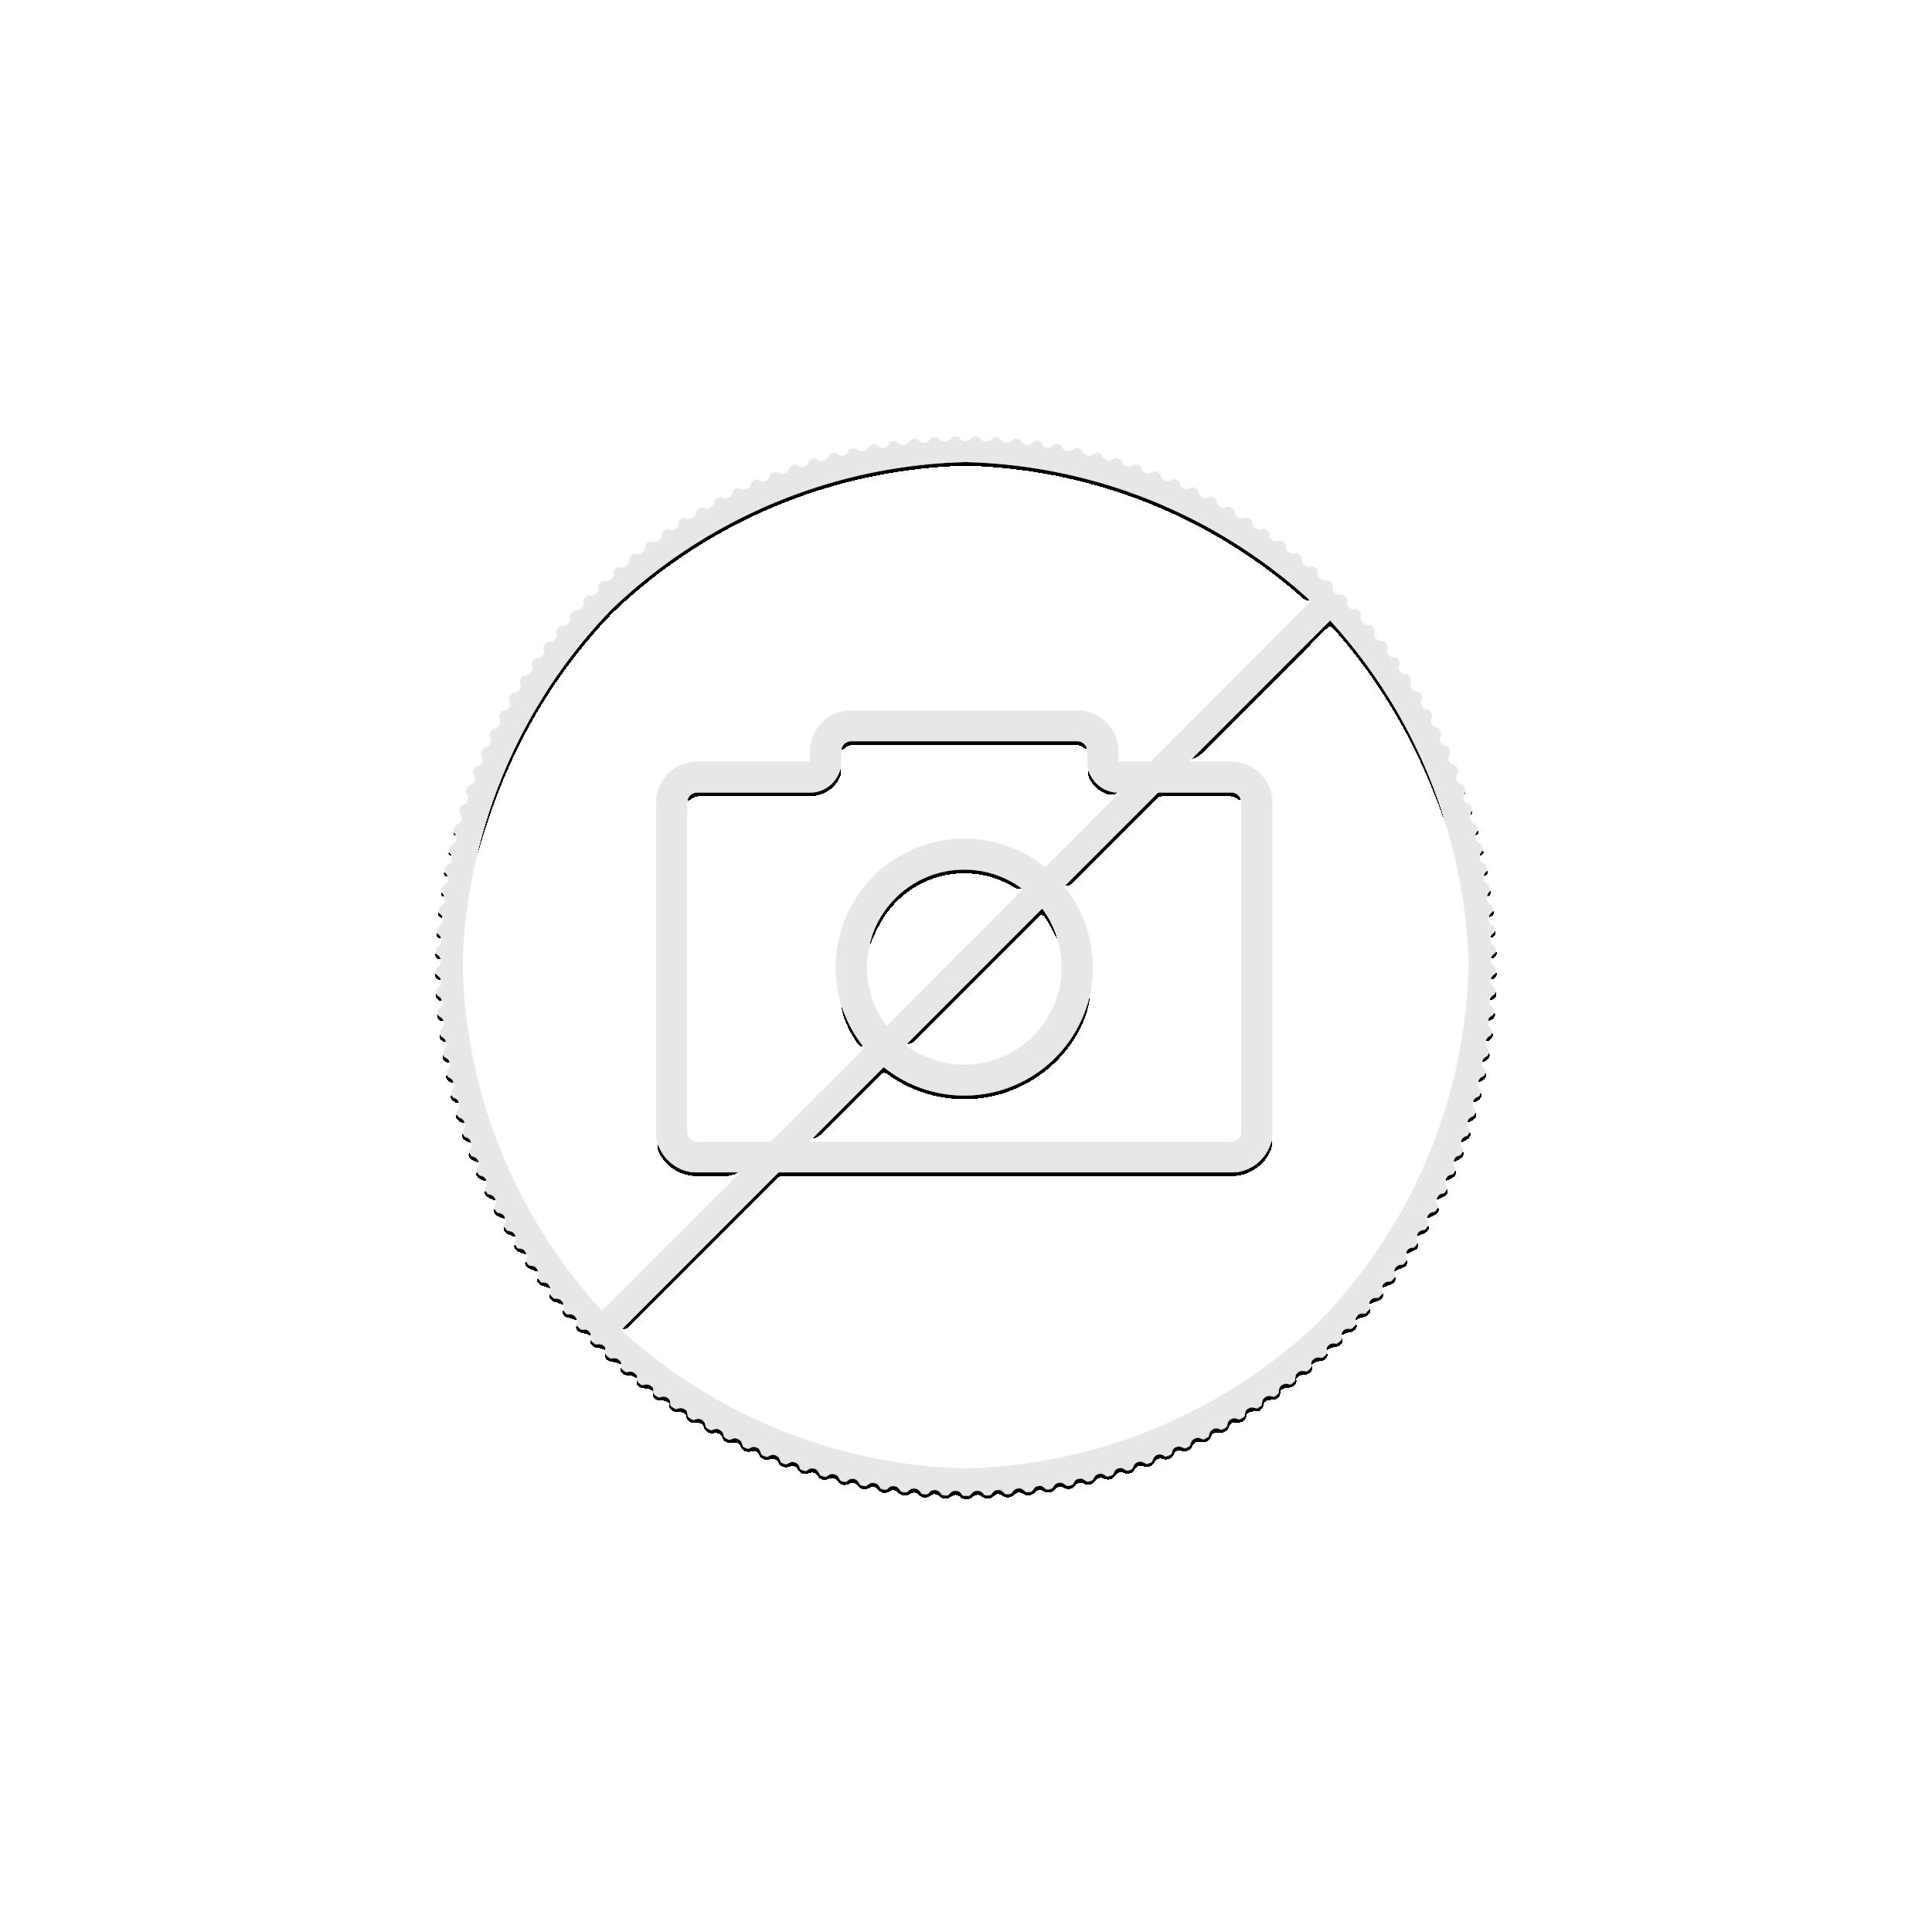 10 Troy ounce zilveren munt Valiant 2019 Queen Elizabeth II